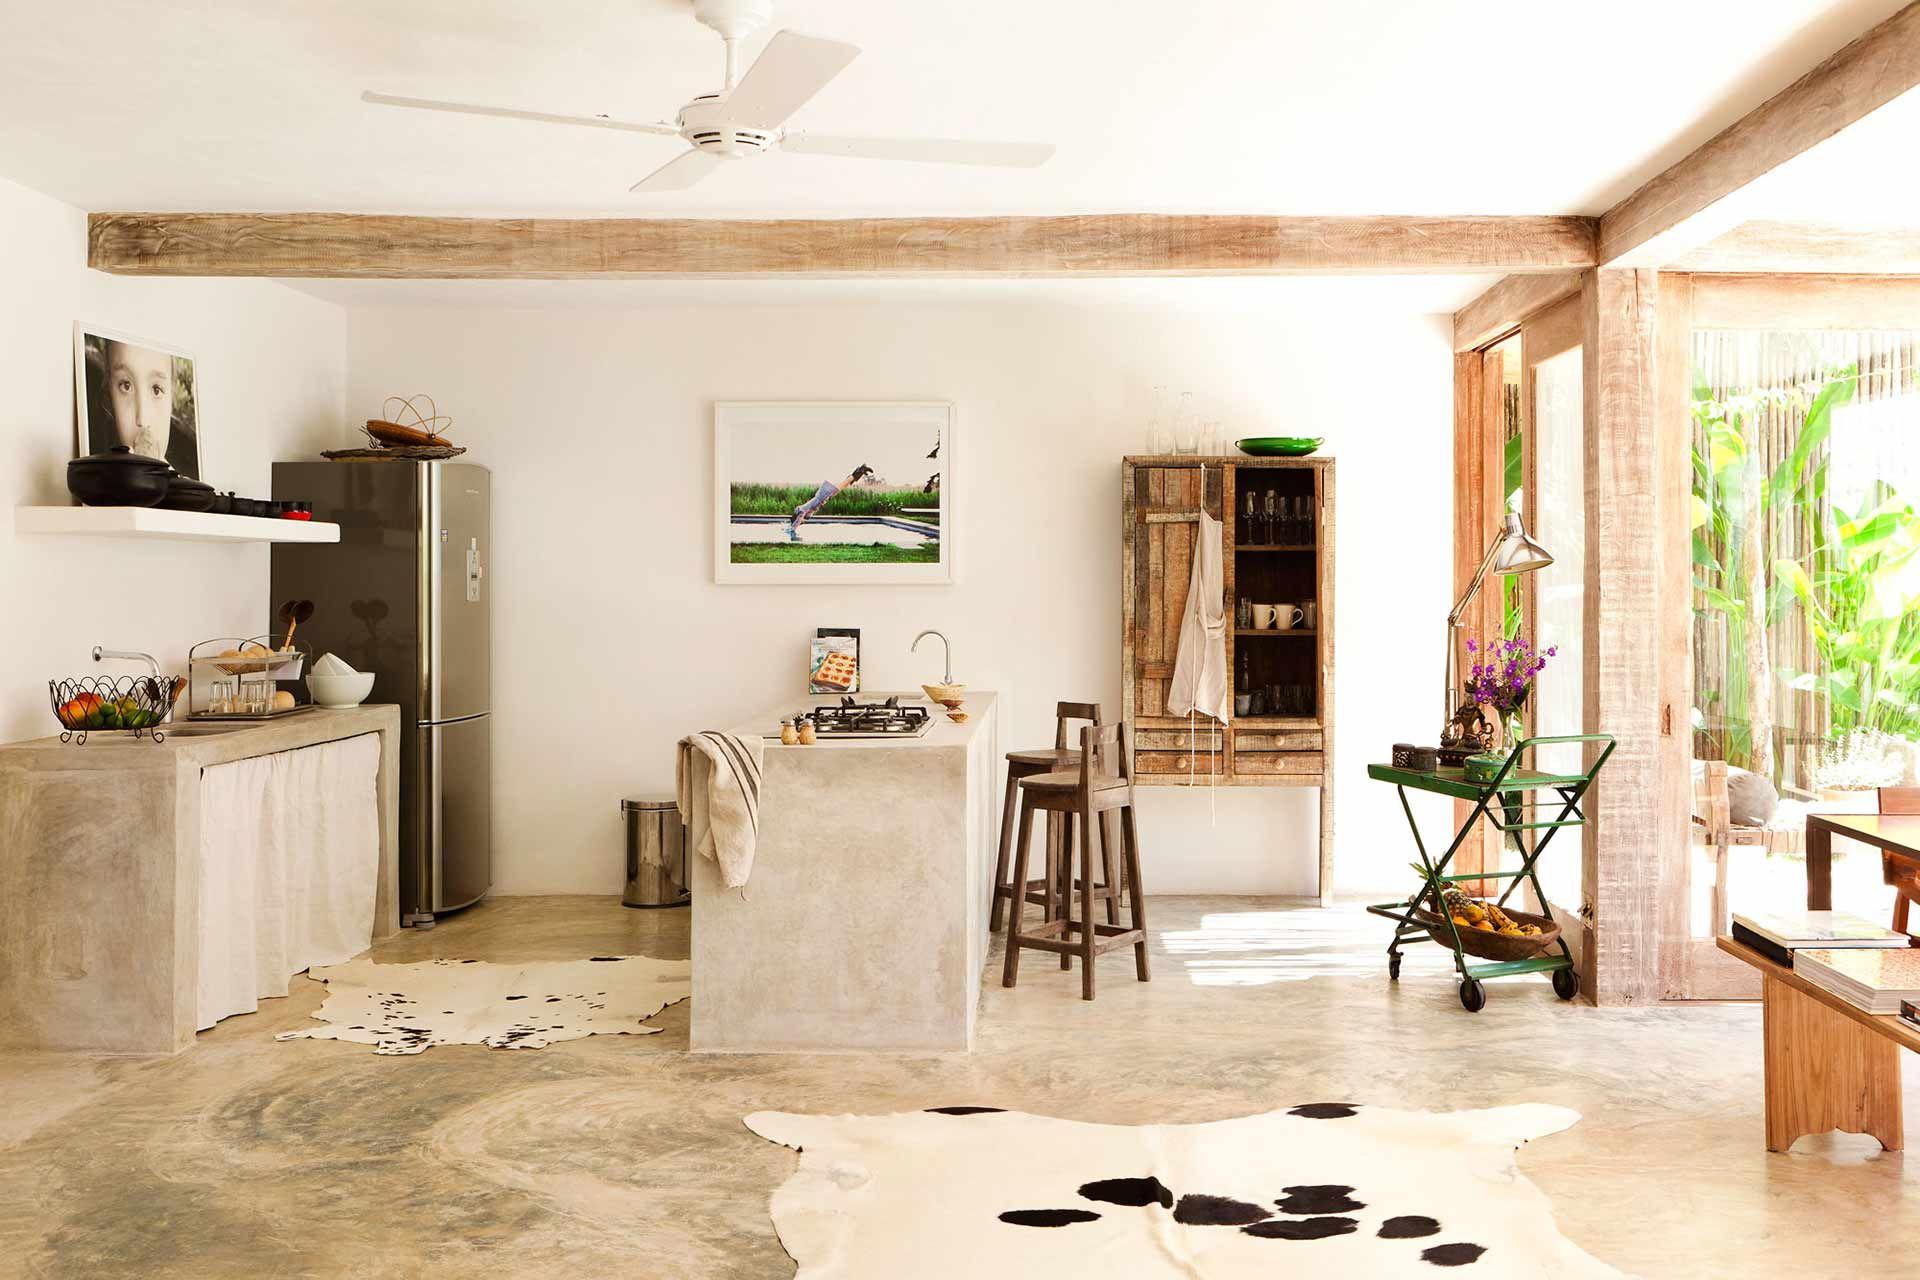 Casa Lola Casas de praia rustica, Home, Casa de praia